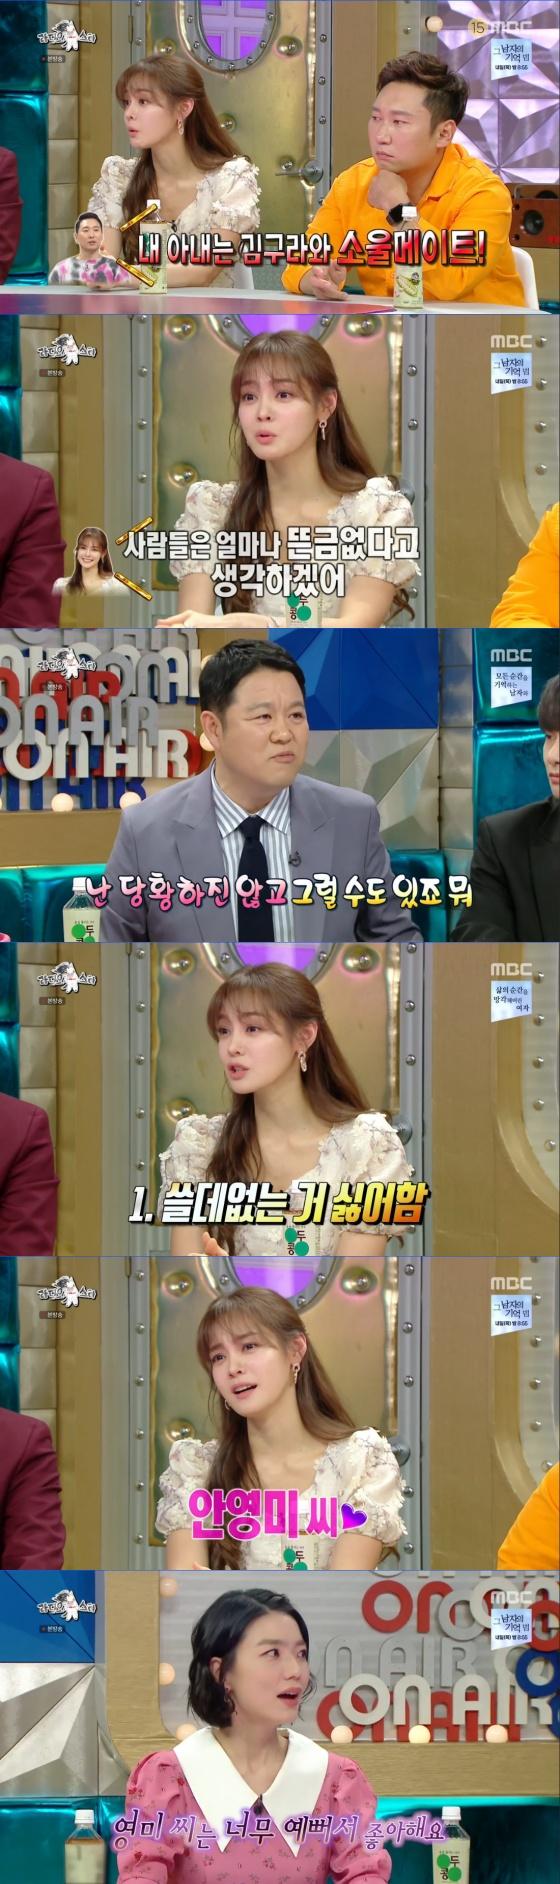 /사진= MBC 예능프로그램 '라디오 스타' 방송 화면